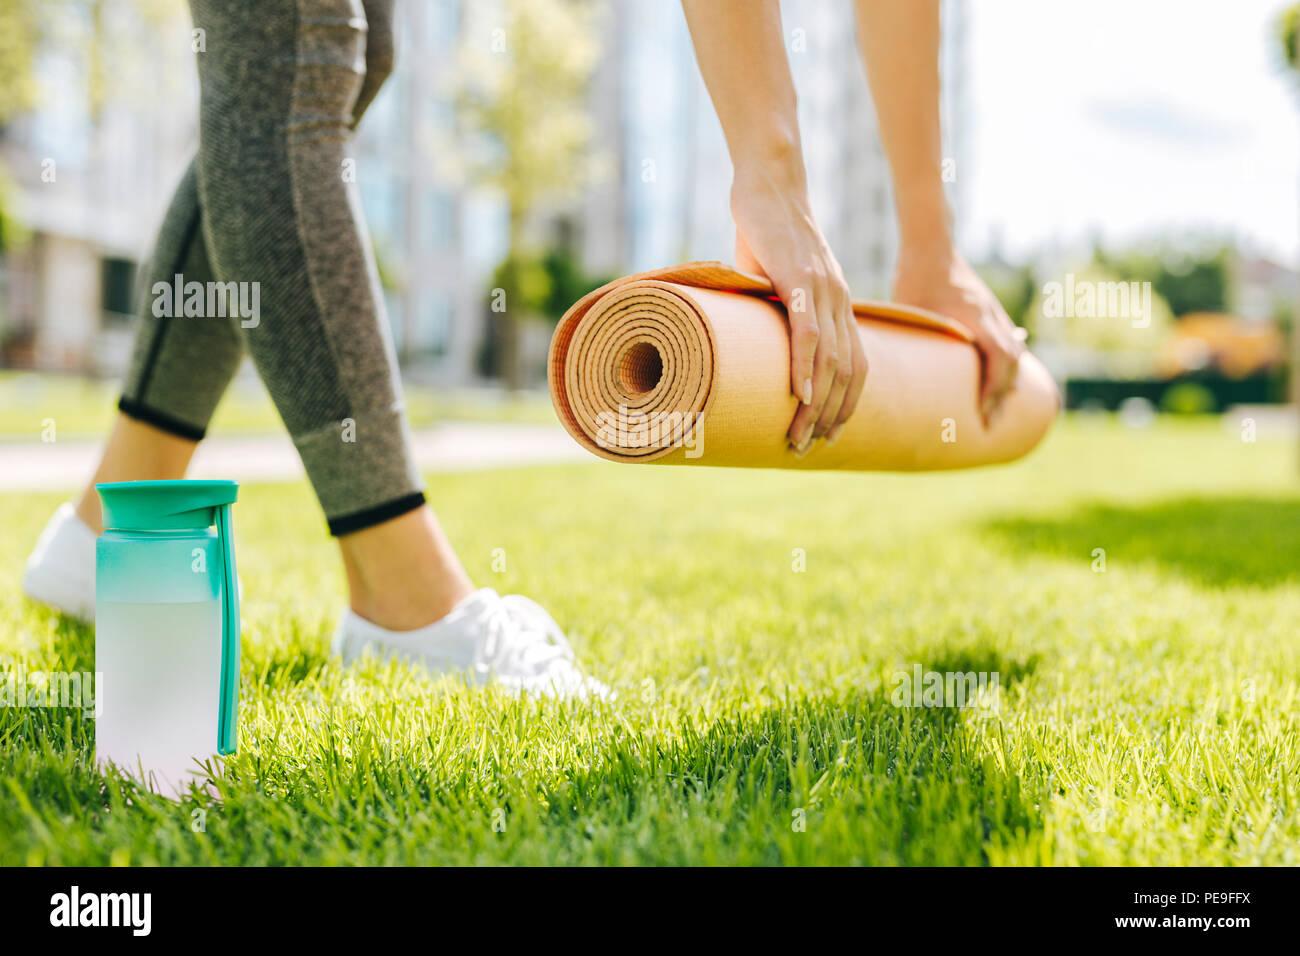 Selektiver Fokus einer Yoga Matte Stockbild